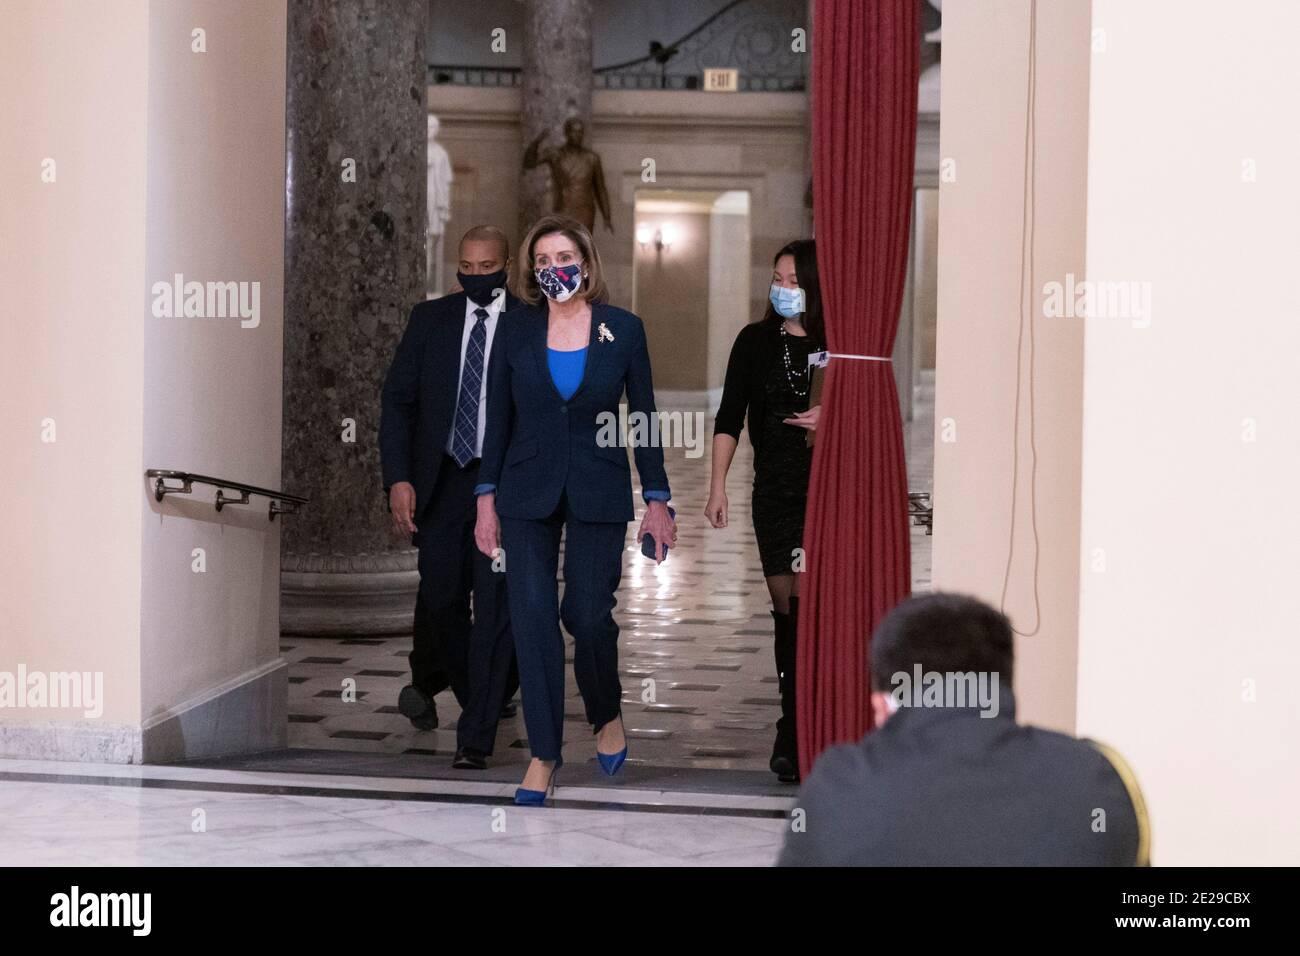 12 de enero de 2021- Washington DC- la Representante Marjorie Taylor Greene pasa por un detector de metales recientemente instalado fuera de la Cámara de Cámara. Crédito de la foto: Chris Kleponis/Sipa USA Foto de stock